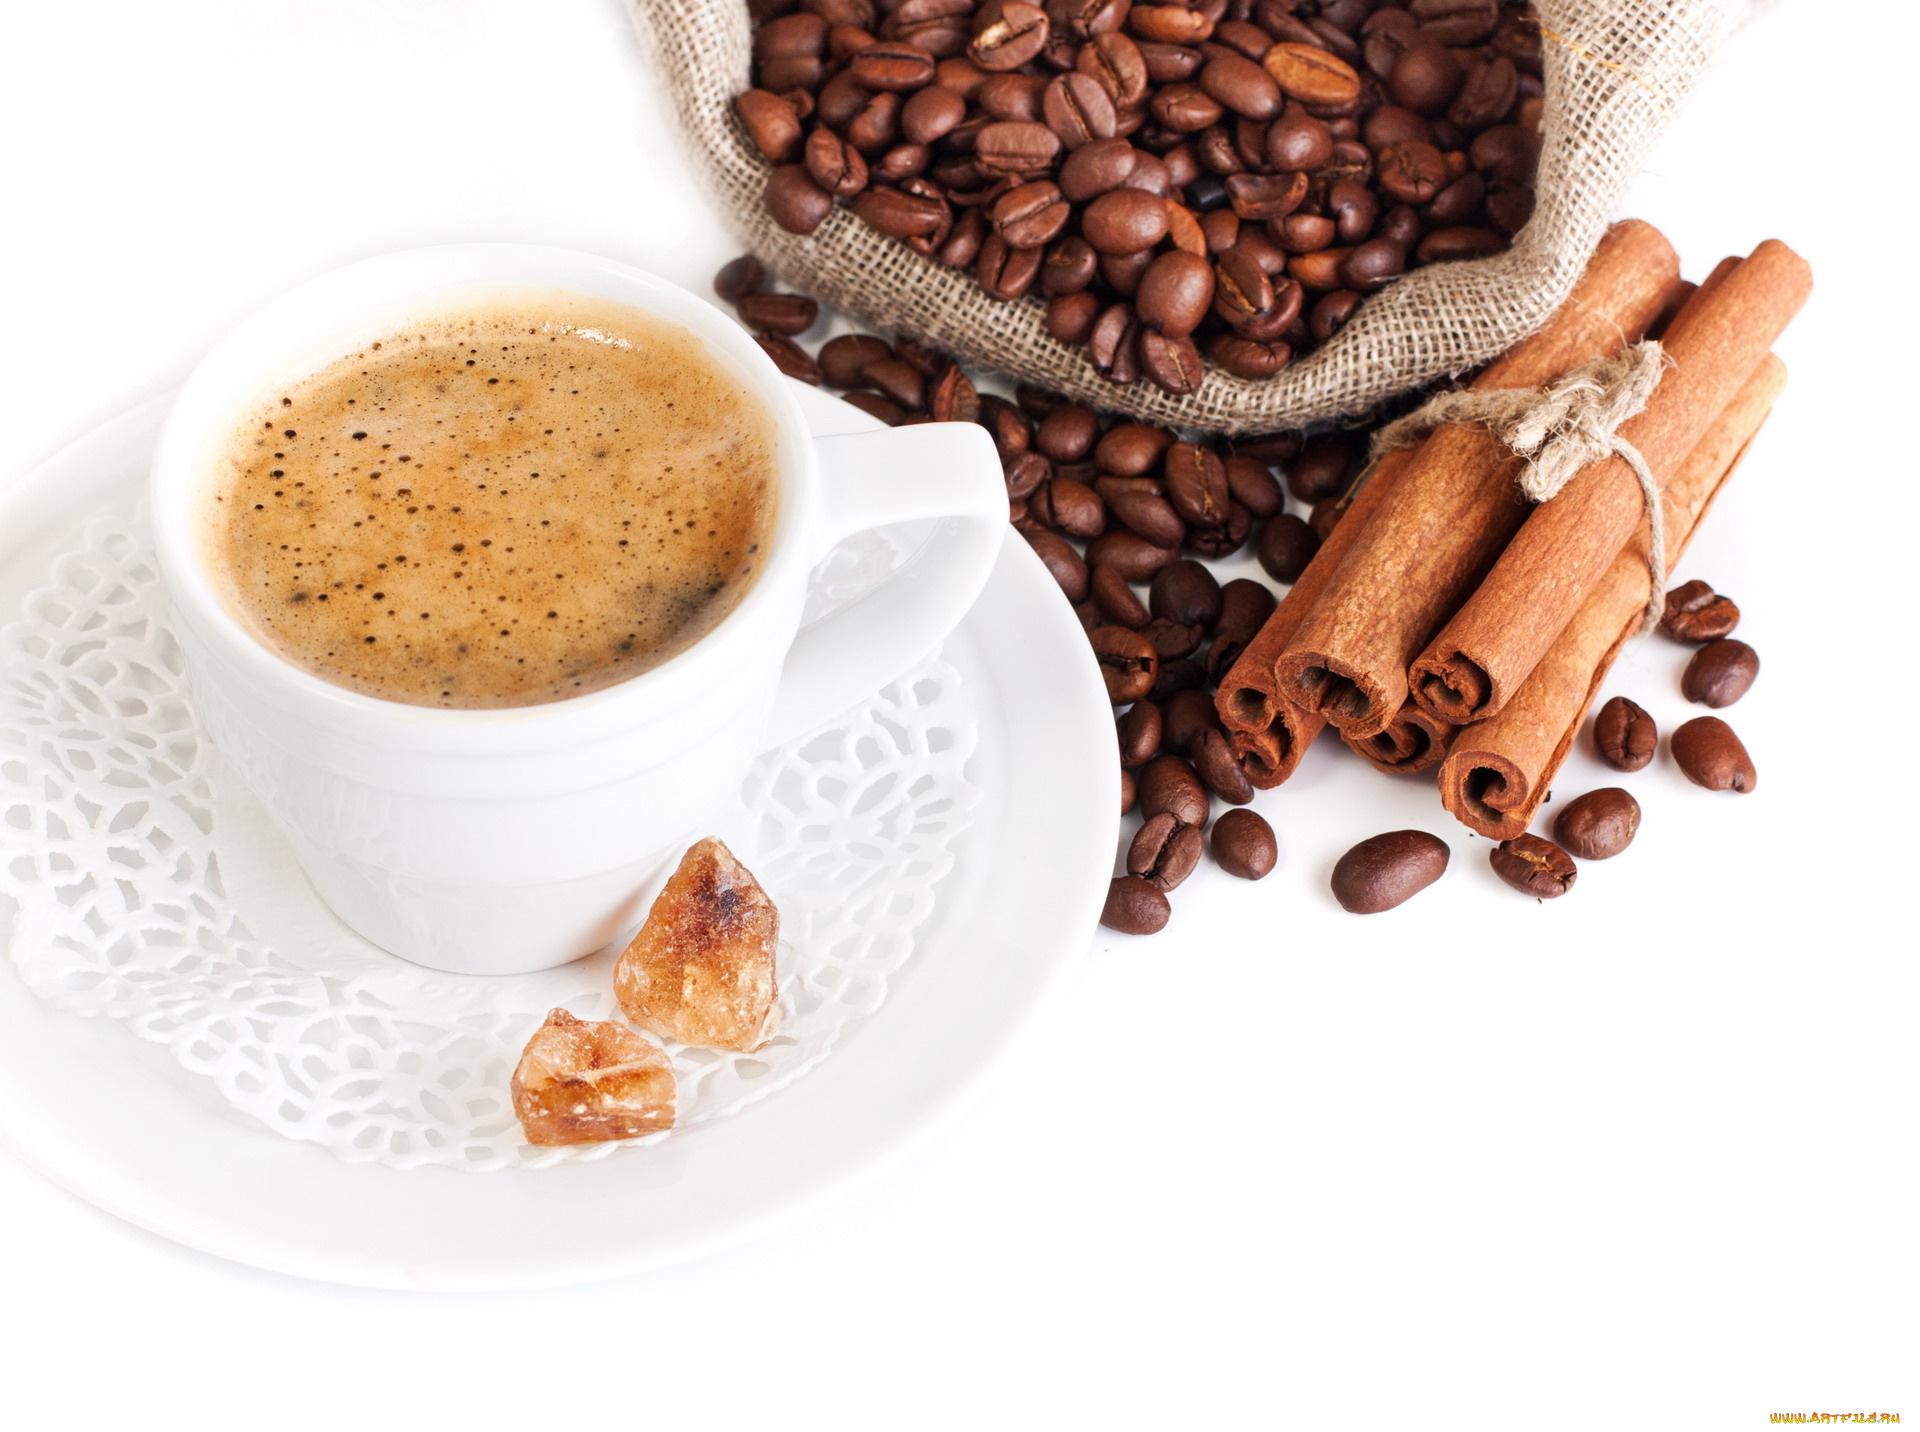 корица кофе чашка cinnamon coffee Cup  № 1119882 бесплатно